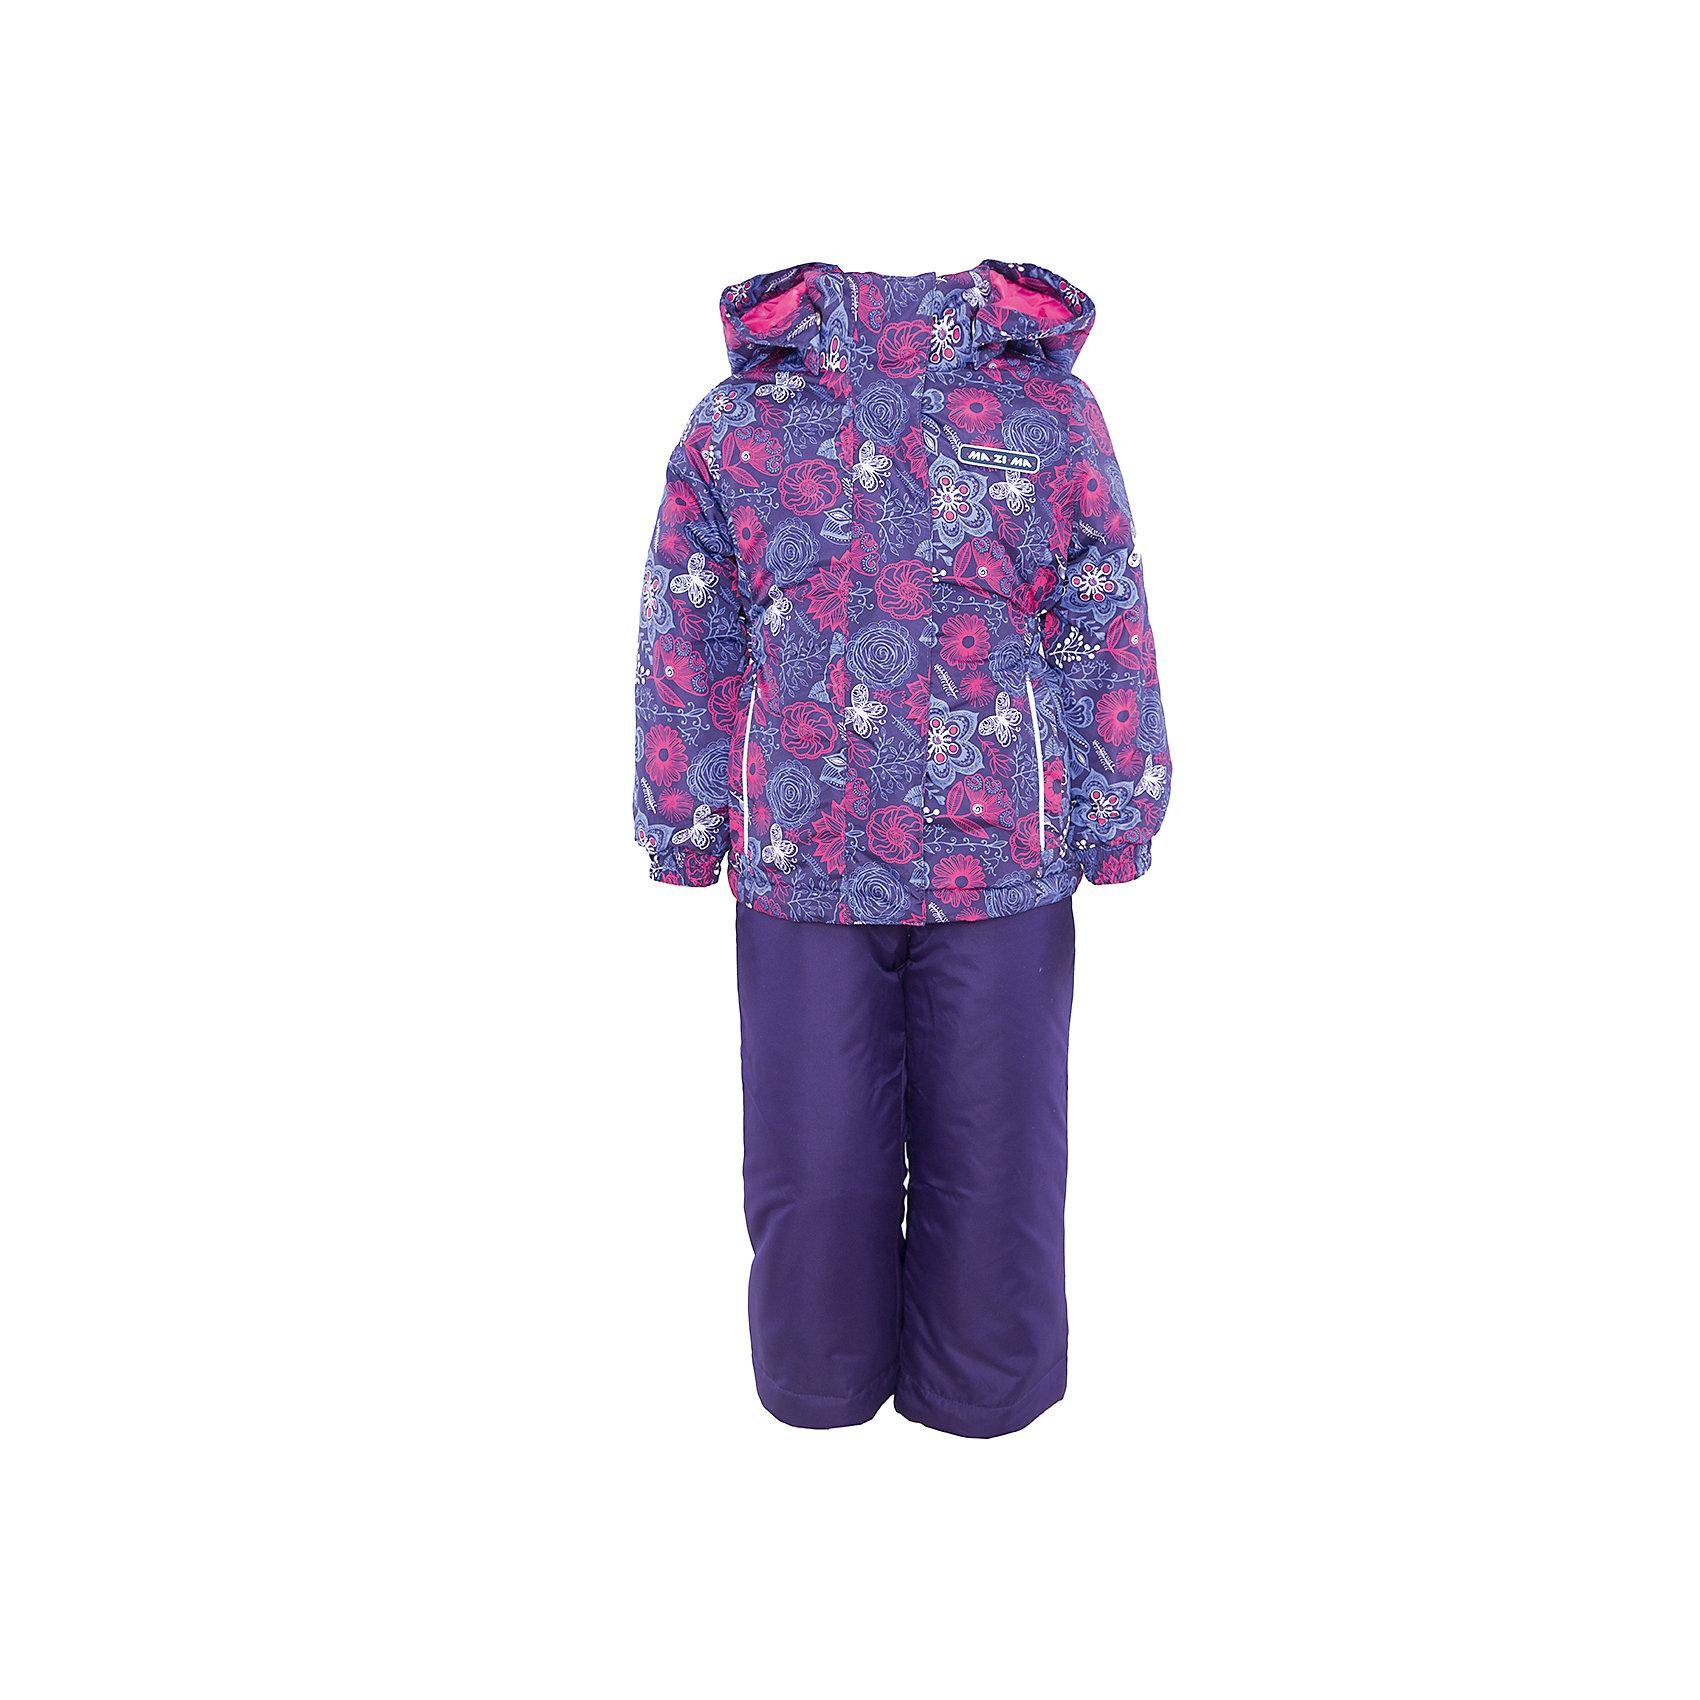 Комплект: куртка и полукомбинезон для девочки Ma-Zi-MaВерхняя одежда<br>Характеристики товара:<br><br>• цвет: фиолетовый<br>• состав: полиэстер 3000мм/3000г/м2/24h<br>• подкладка: Taffeta <br>• утеплитель - полиэстер (120г/м2)<br>• светоотражающие элементы<br>• температурный режим: от -5°С до +10°С<br>• застежка - молния<br>• капюшон съемный<br>• принт<br>• ветронепроницаемый, водо- и грязеотталкивающий и дышащий материал<br>• эластичные манжеты<br>• регулируемые подтяжки<br>• комфортная посадка<br>• страна бренда: Российская Федерация<br><br>Демисезонный комплект из куртки и брюк - универсальный вариант и для прохладной осени, и для первых заморозков. Эта модель - модная и удобная одновременно! Куртка отличается стильным ярким дизайном. Комплект хорошо сидит по фигуре, отлично сочетается с различной обувью. Вещь была разработана специально для детей.<br><br>Одежда от российского бренда Ma-Zi-Ma создается при участии канадских специалистов. Она уже завоевала популярностью у многих детей и их родителей. Вещи, выпускаемые компанией, качественные, продуманные и очень удобные. Для производства коллекций используются только безопасные для детей материалы.<br><br>Комплект: куртка и полукомбинезон для девочки от бренда Ma-Zi-Ma можно купить в нашем интернет-магазине.<br><br>Ширина мм: 356<br>Глубина мм: 10<br>Высота мм: 245<br>Вес г: 519<br>Цвет: синий<br>Возраст от месяцев: 18<br>Возраст до месяцев: 24<br>Пол: Женский<br>Возраст: Детский<br>Размер: 92,152,98,104,110,116,122,128,134,140,146<br>SKU: 5383963